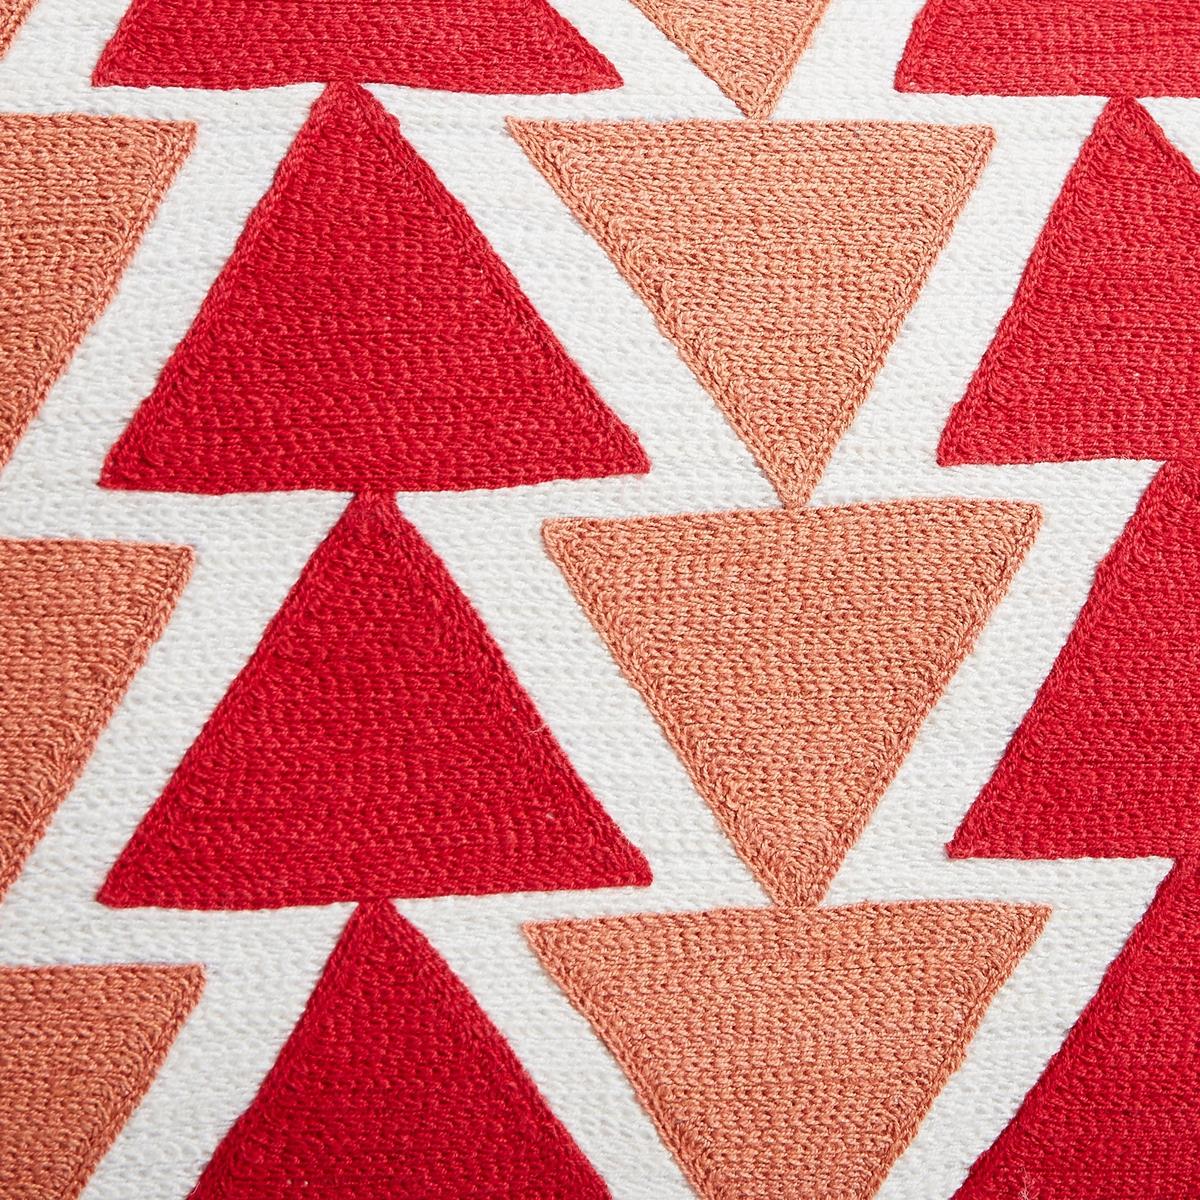 Наволочка на подушку-валик TriangoloНаволочка на подушку-валик Triangolo. Красивый вышитый рисунок в виде треугольника. 100% хлопок. Однотонная оборотная сторона. Застежка на скрытую молнию сзади. Размеры : 50 x 30 см. Подушка продается отдельно.<br><br>Цвет: красный